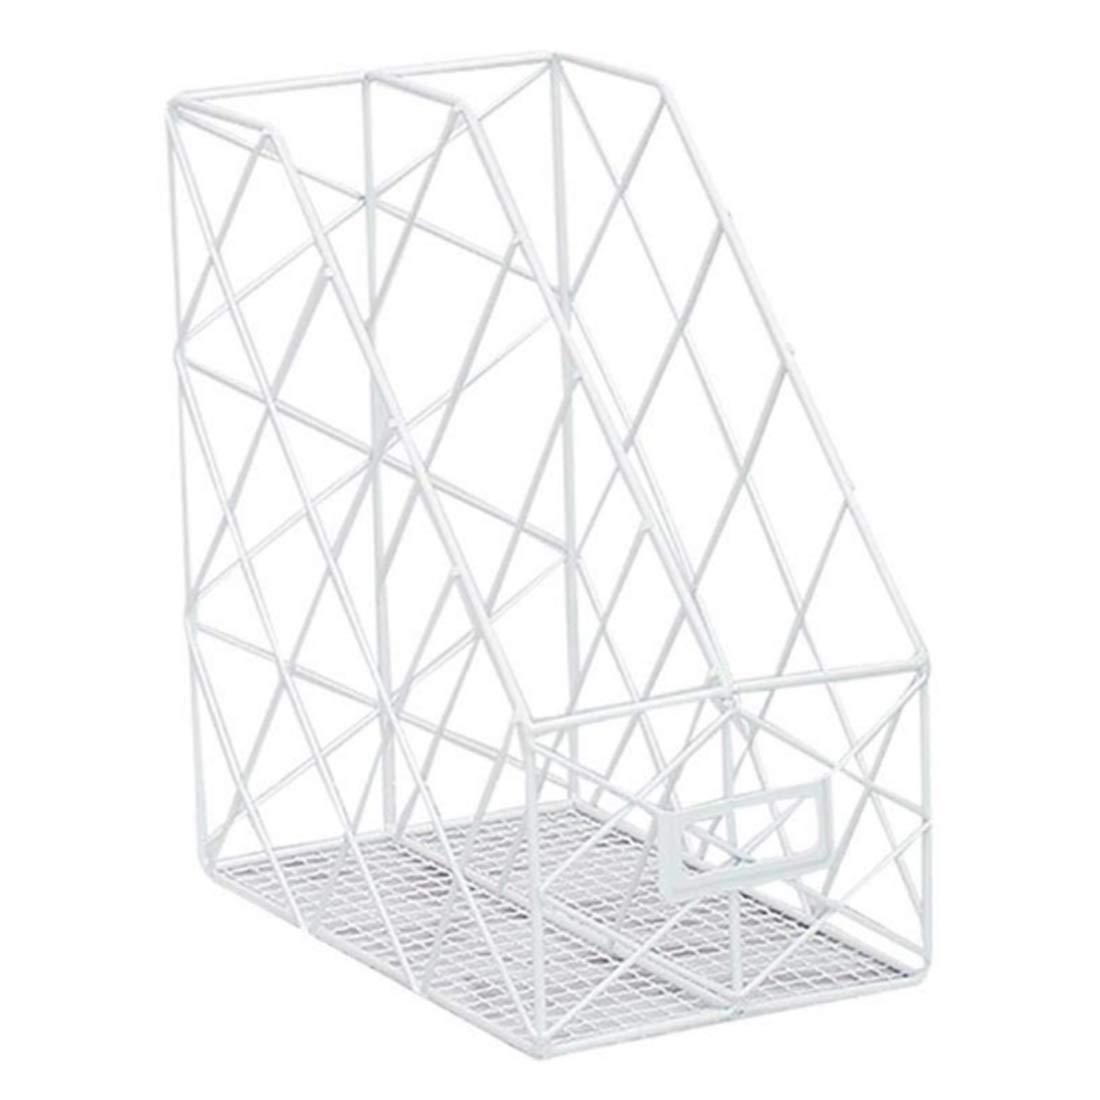 UOPJKL Cestini per mensole,desktop Bookshelf,file Frame, cestino per scaffali, ripiani e scrivanie - bianca